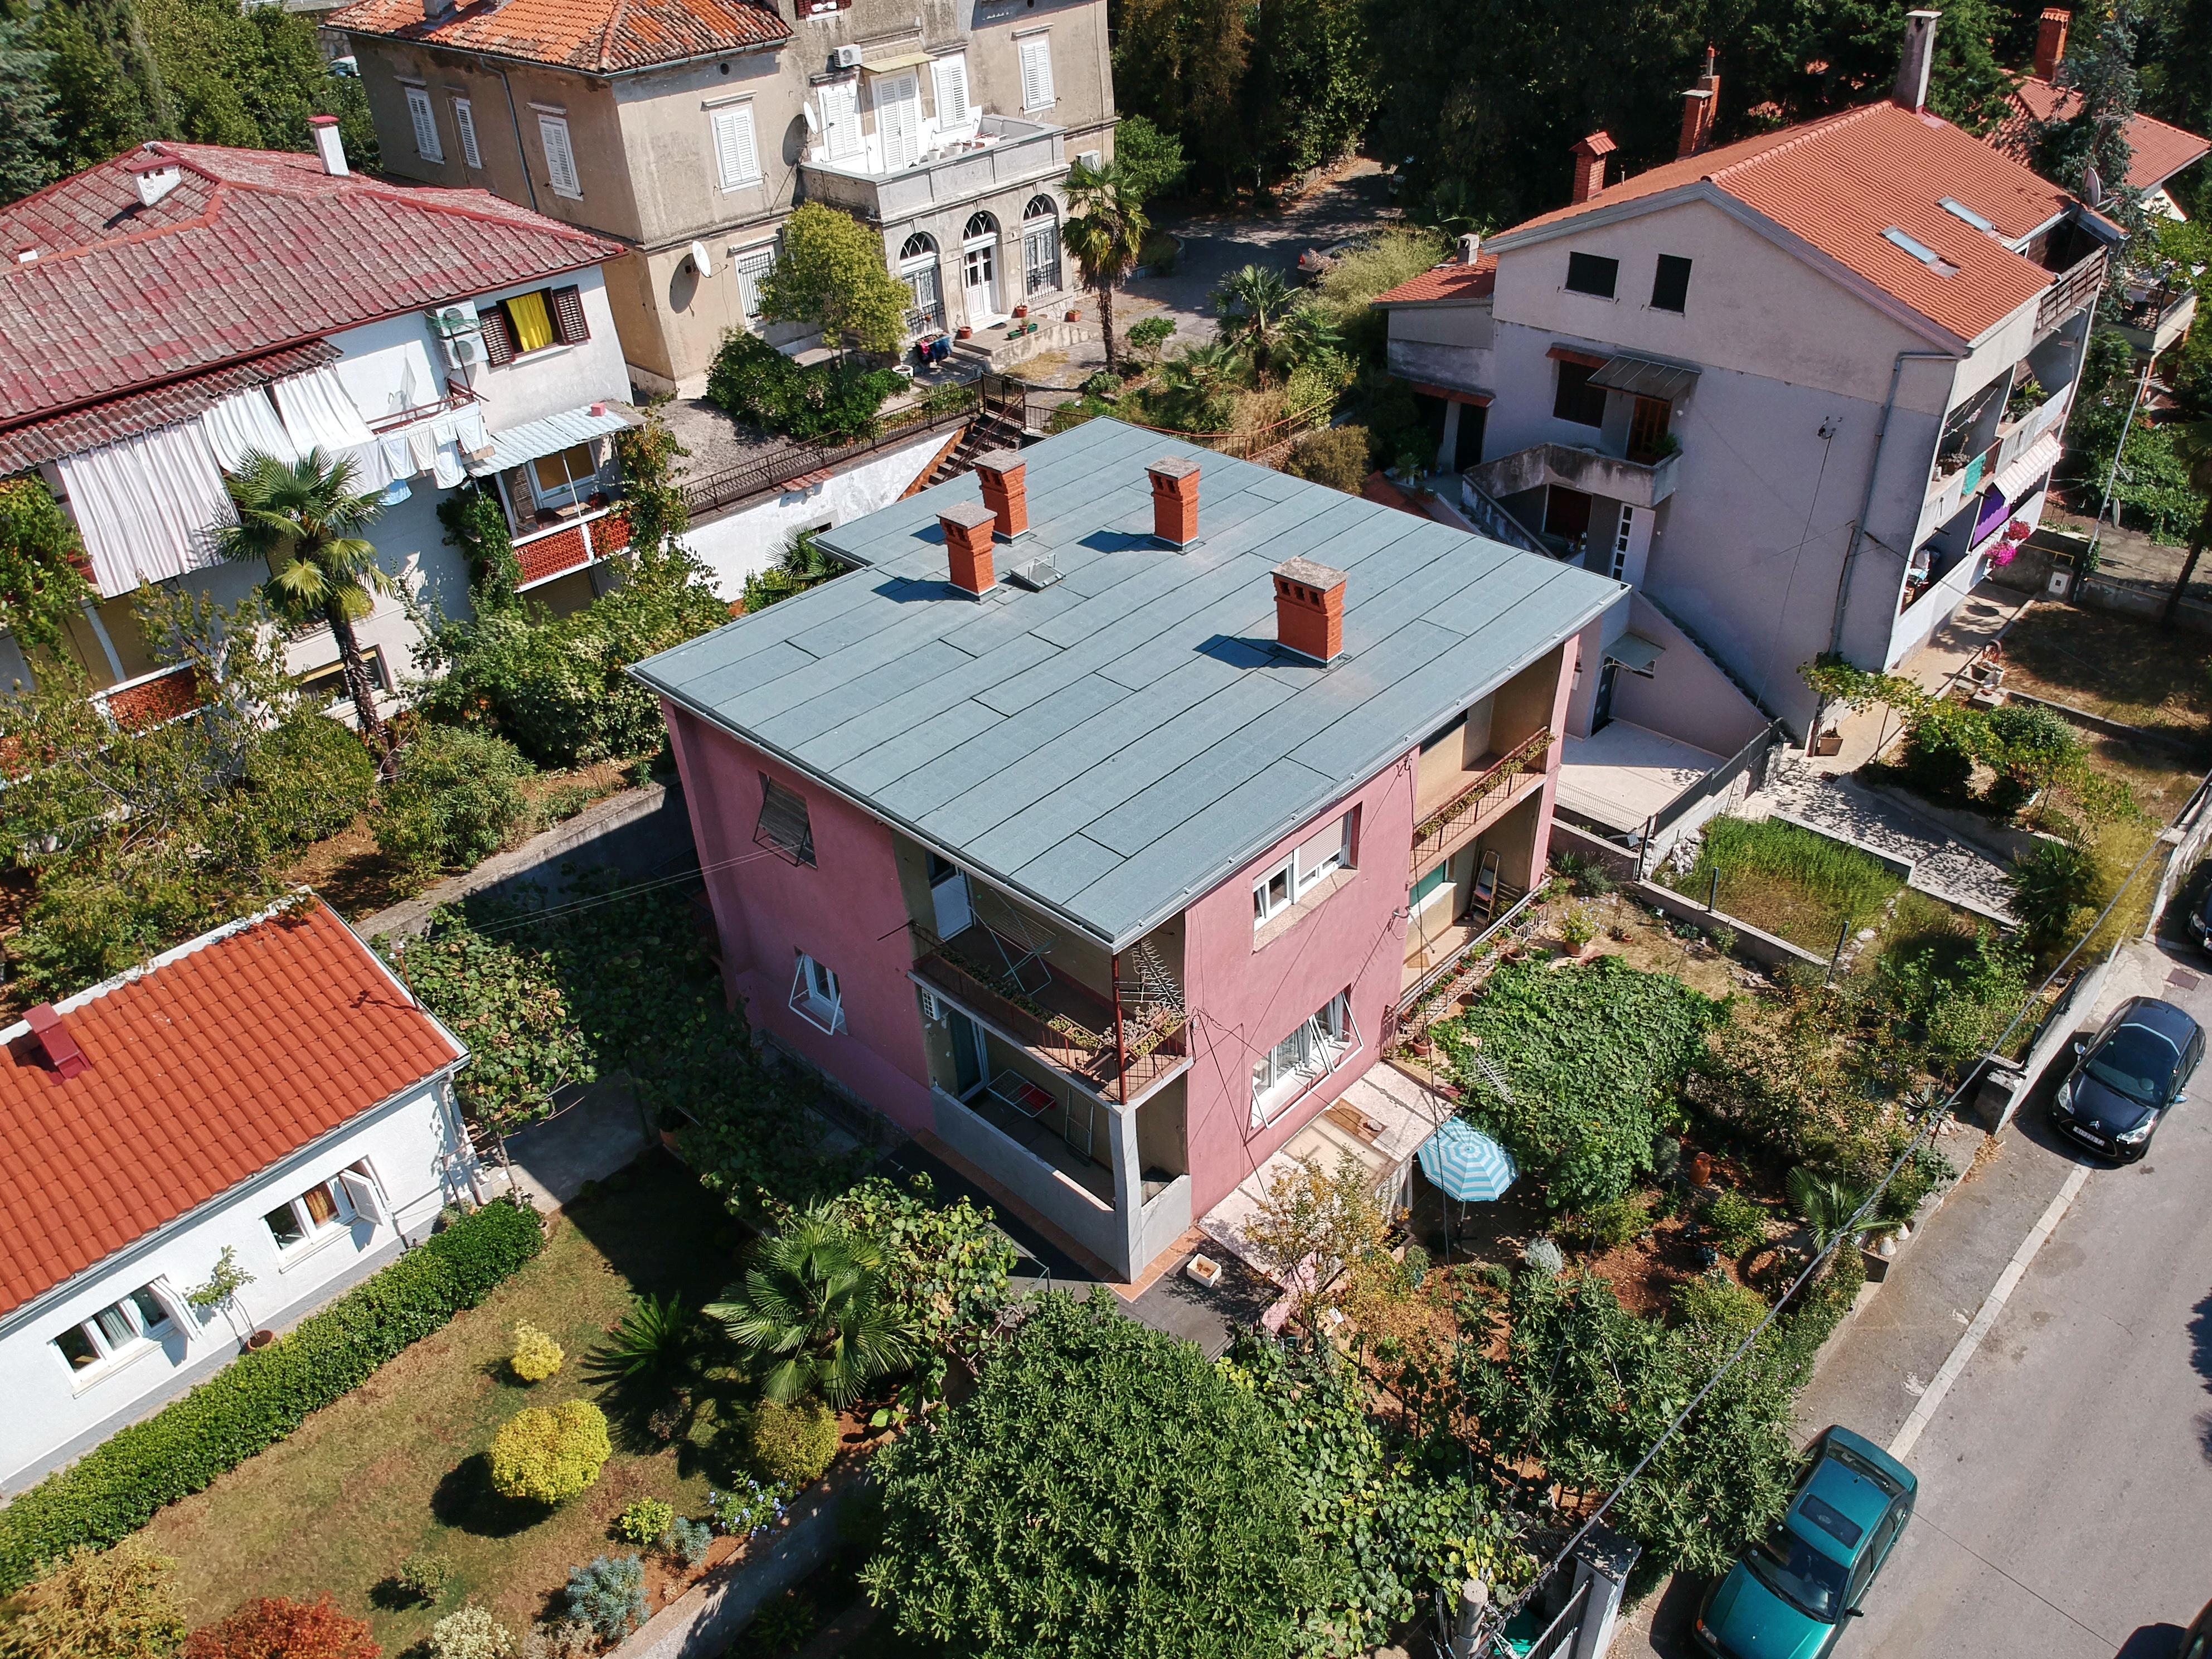 Završena je obnova krova na adresi Vitomira Širole Paje 6/1 u Rijeci (Mlaka)